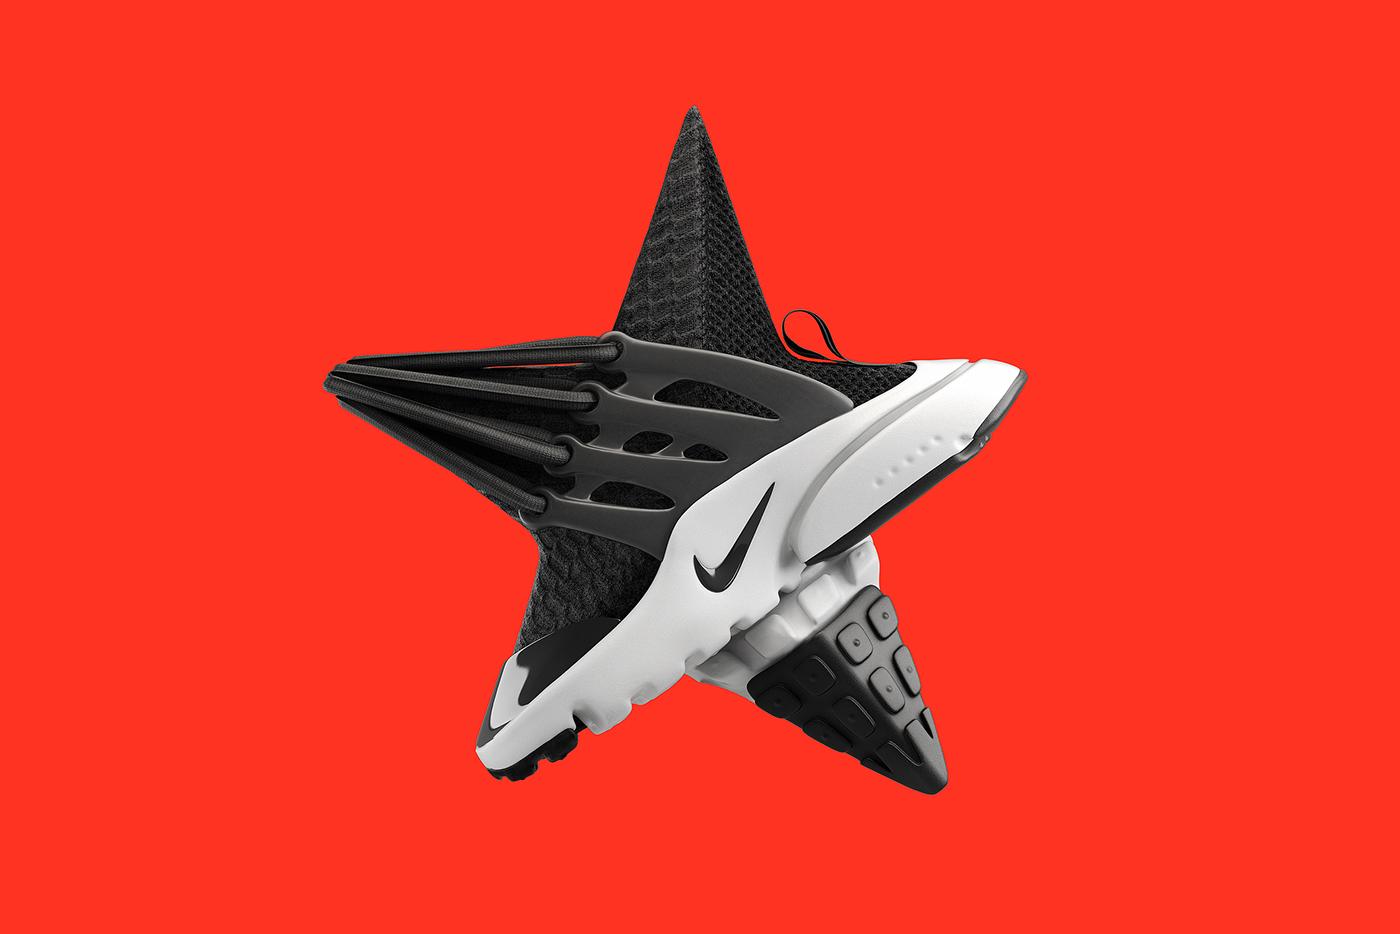 sneakers Nike shoes Emoji